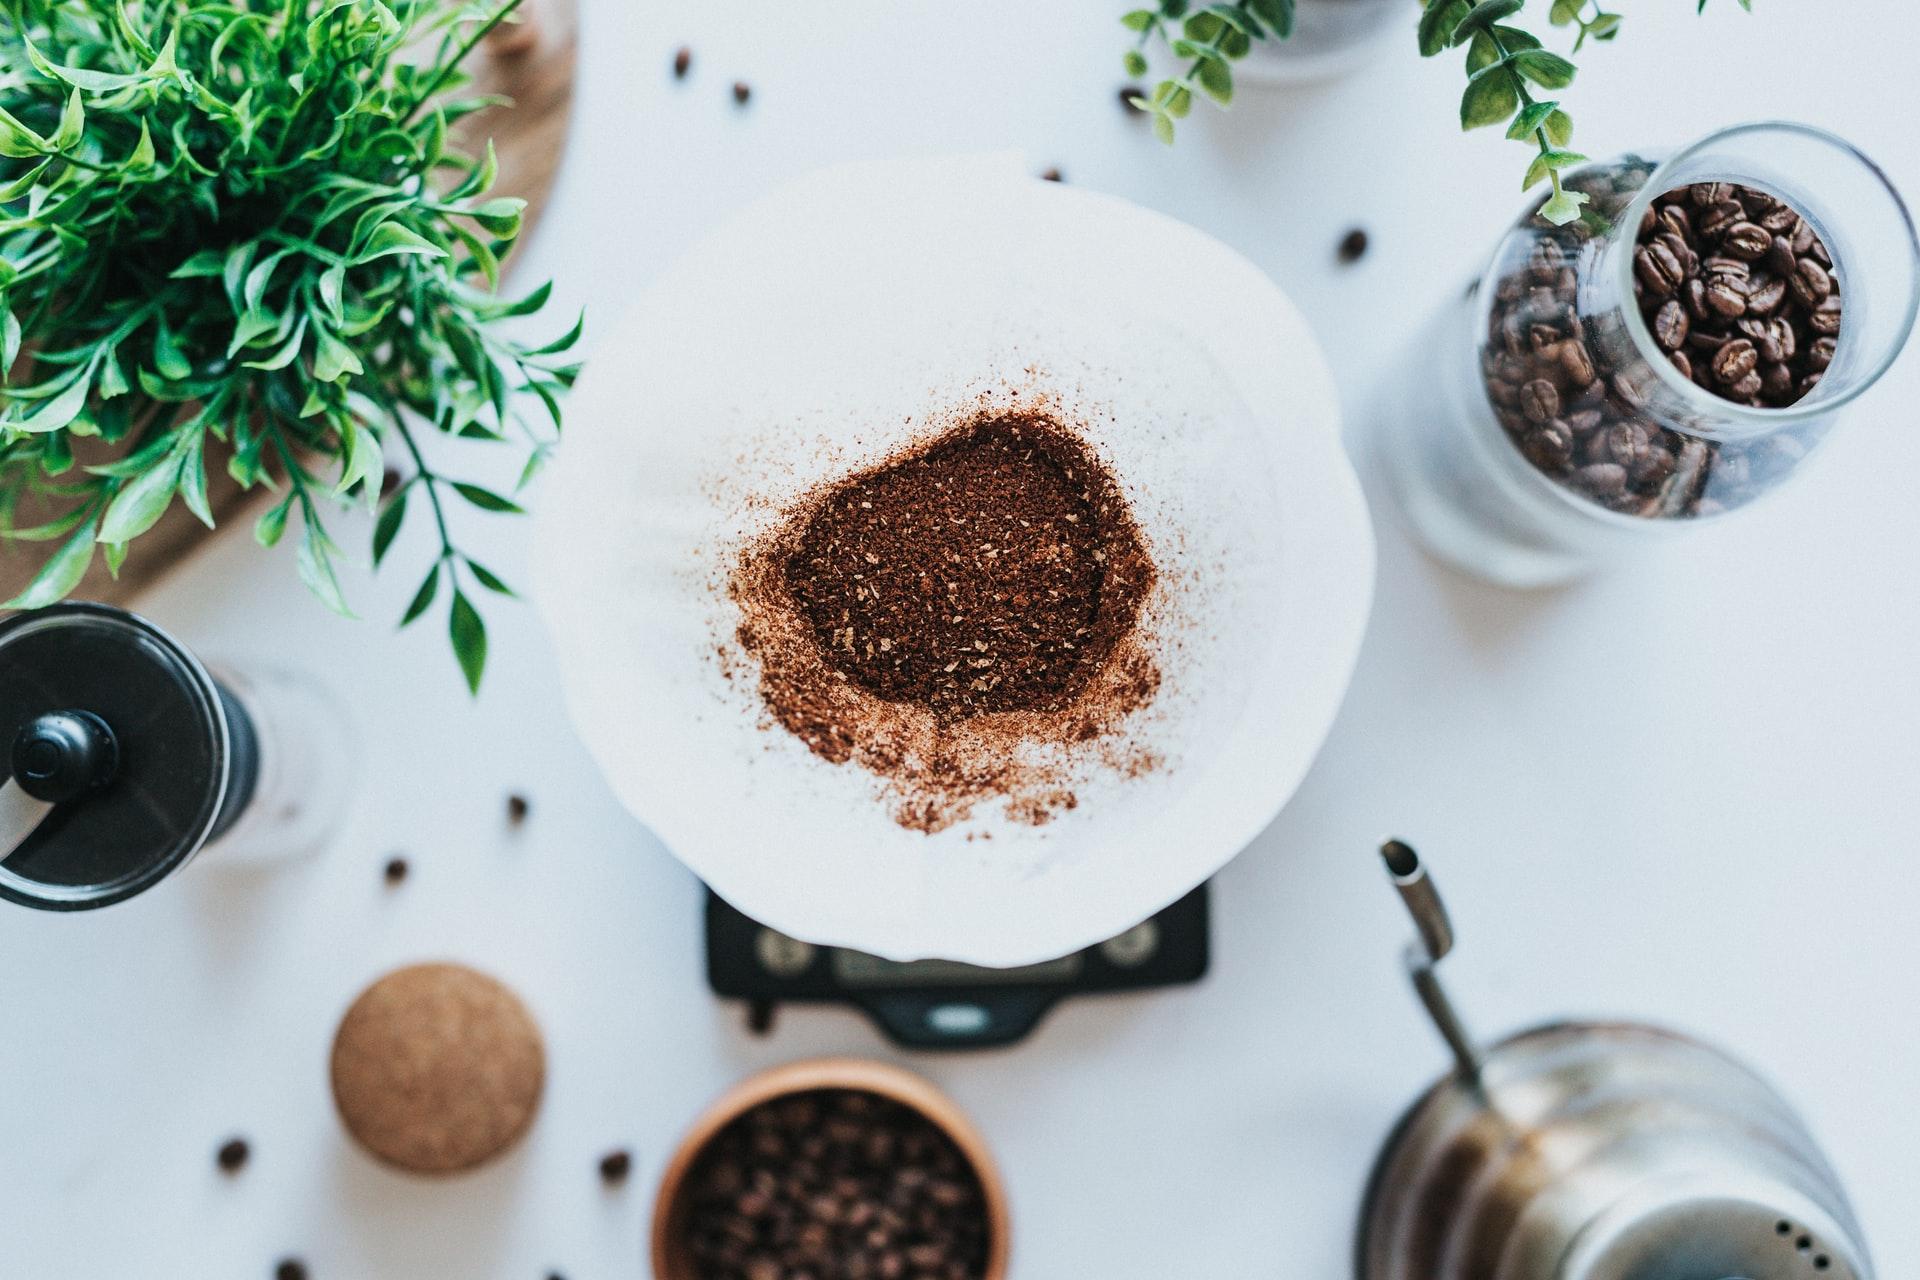 Kaffefilter med kaffe i